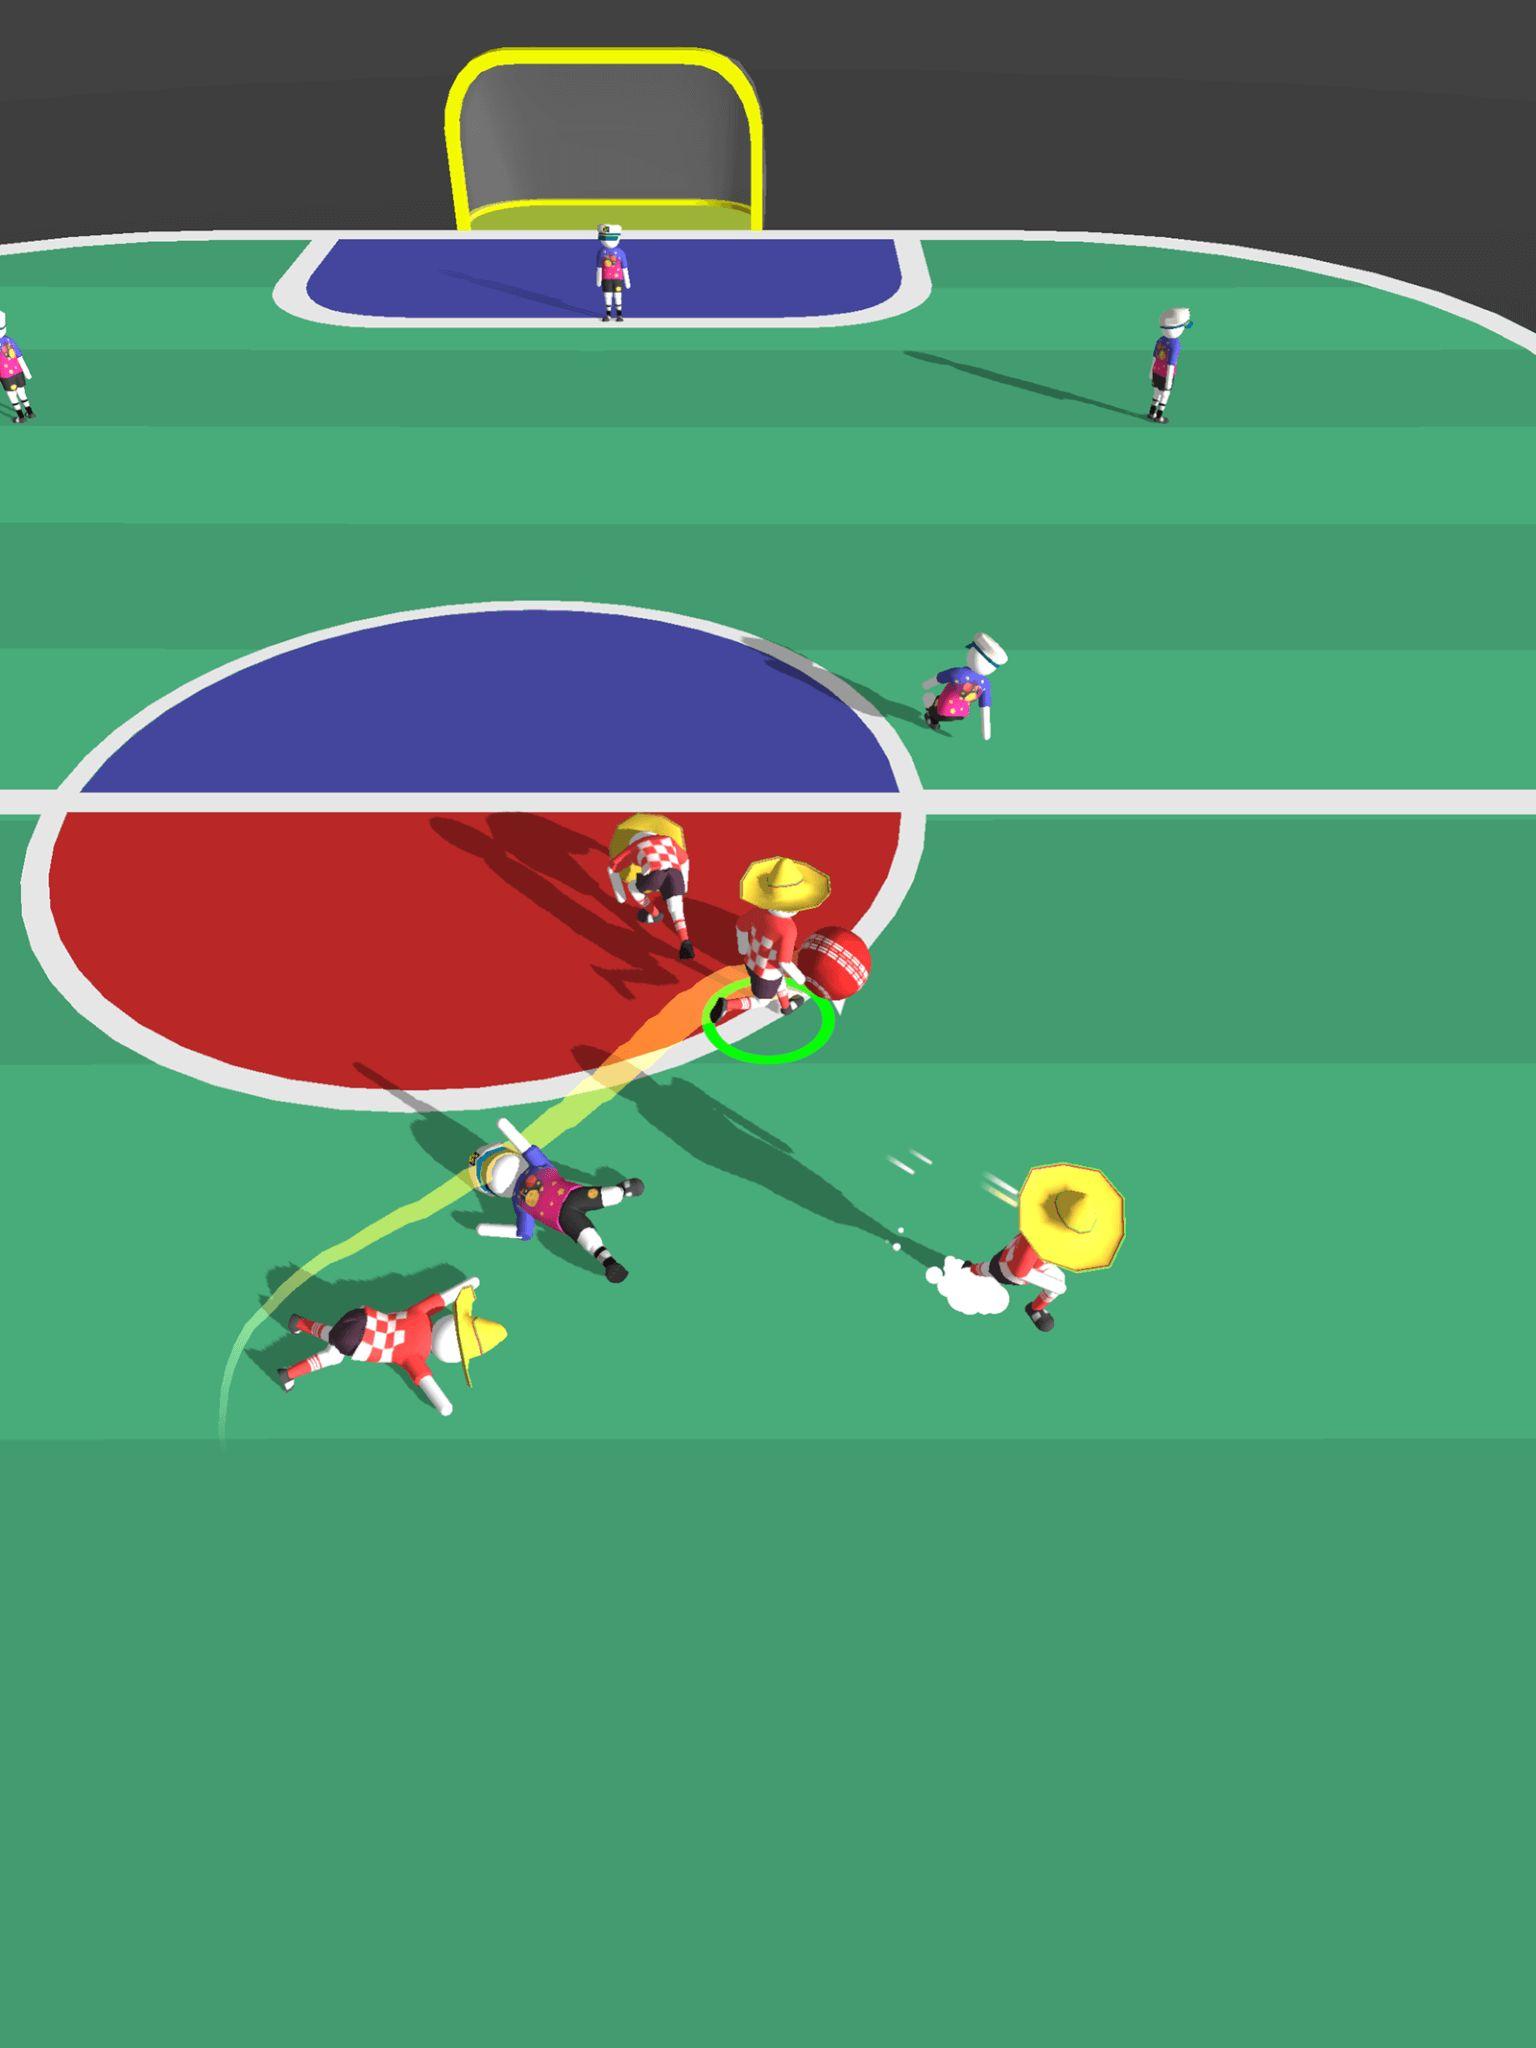 足球法则游戏最新版下载图2: